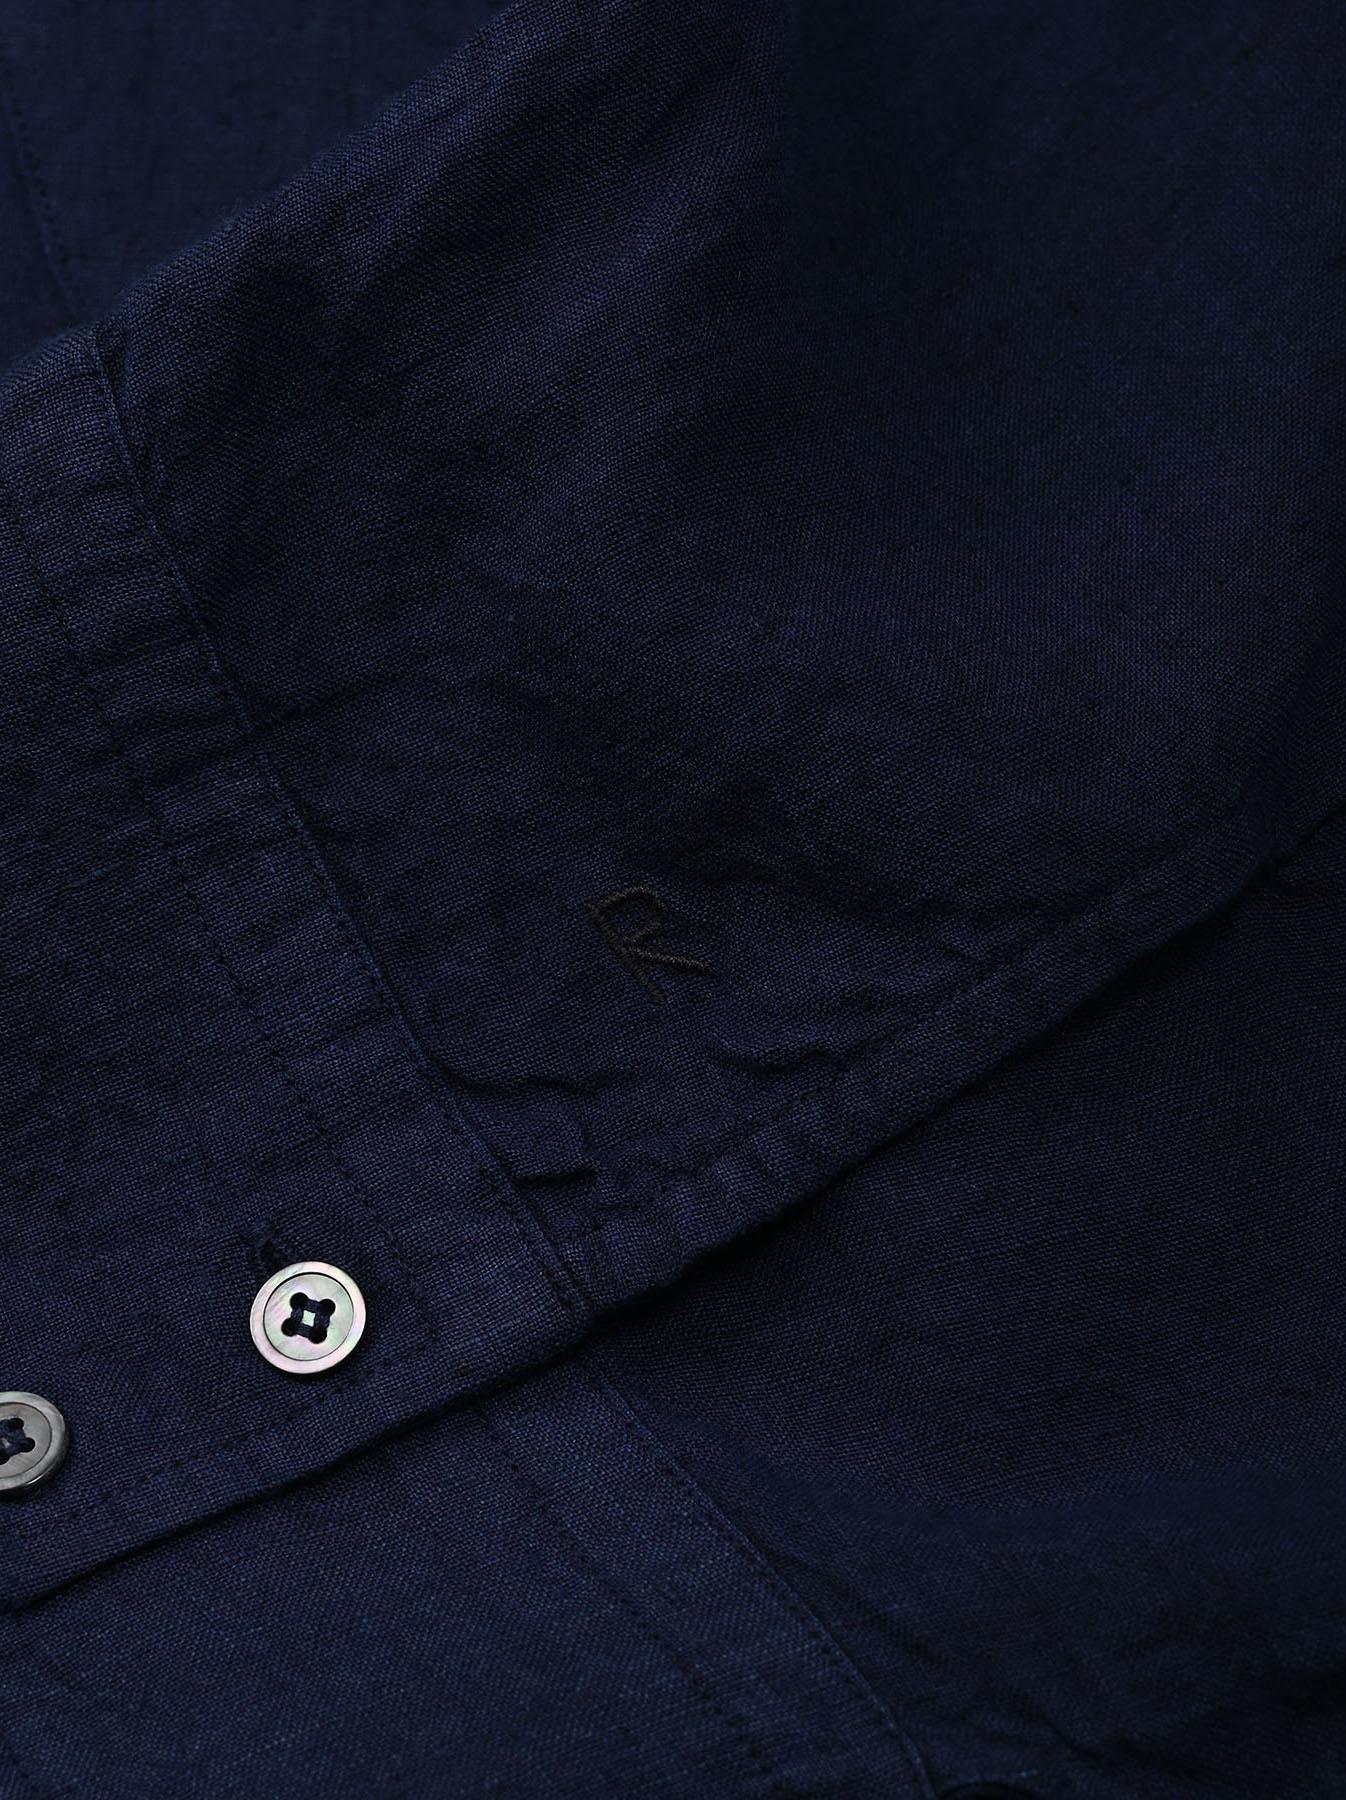 Indigo Indian Linen Flat Big Shirt (0521)-10